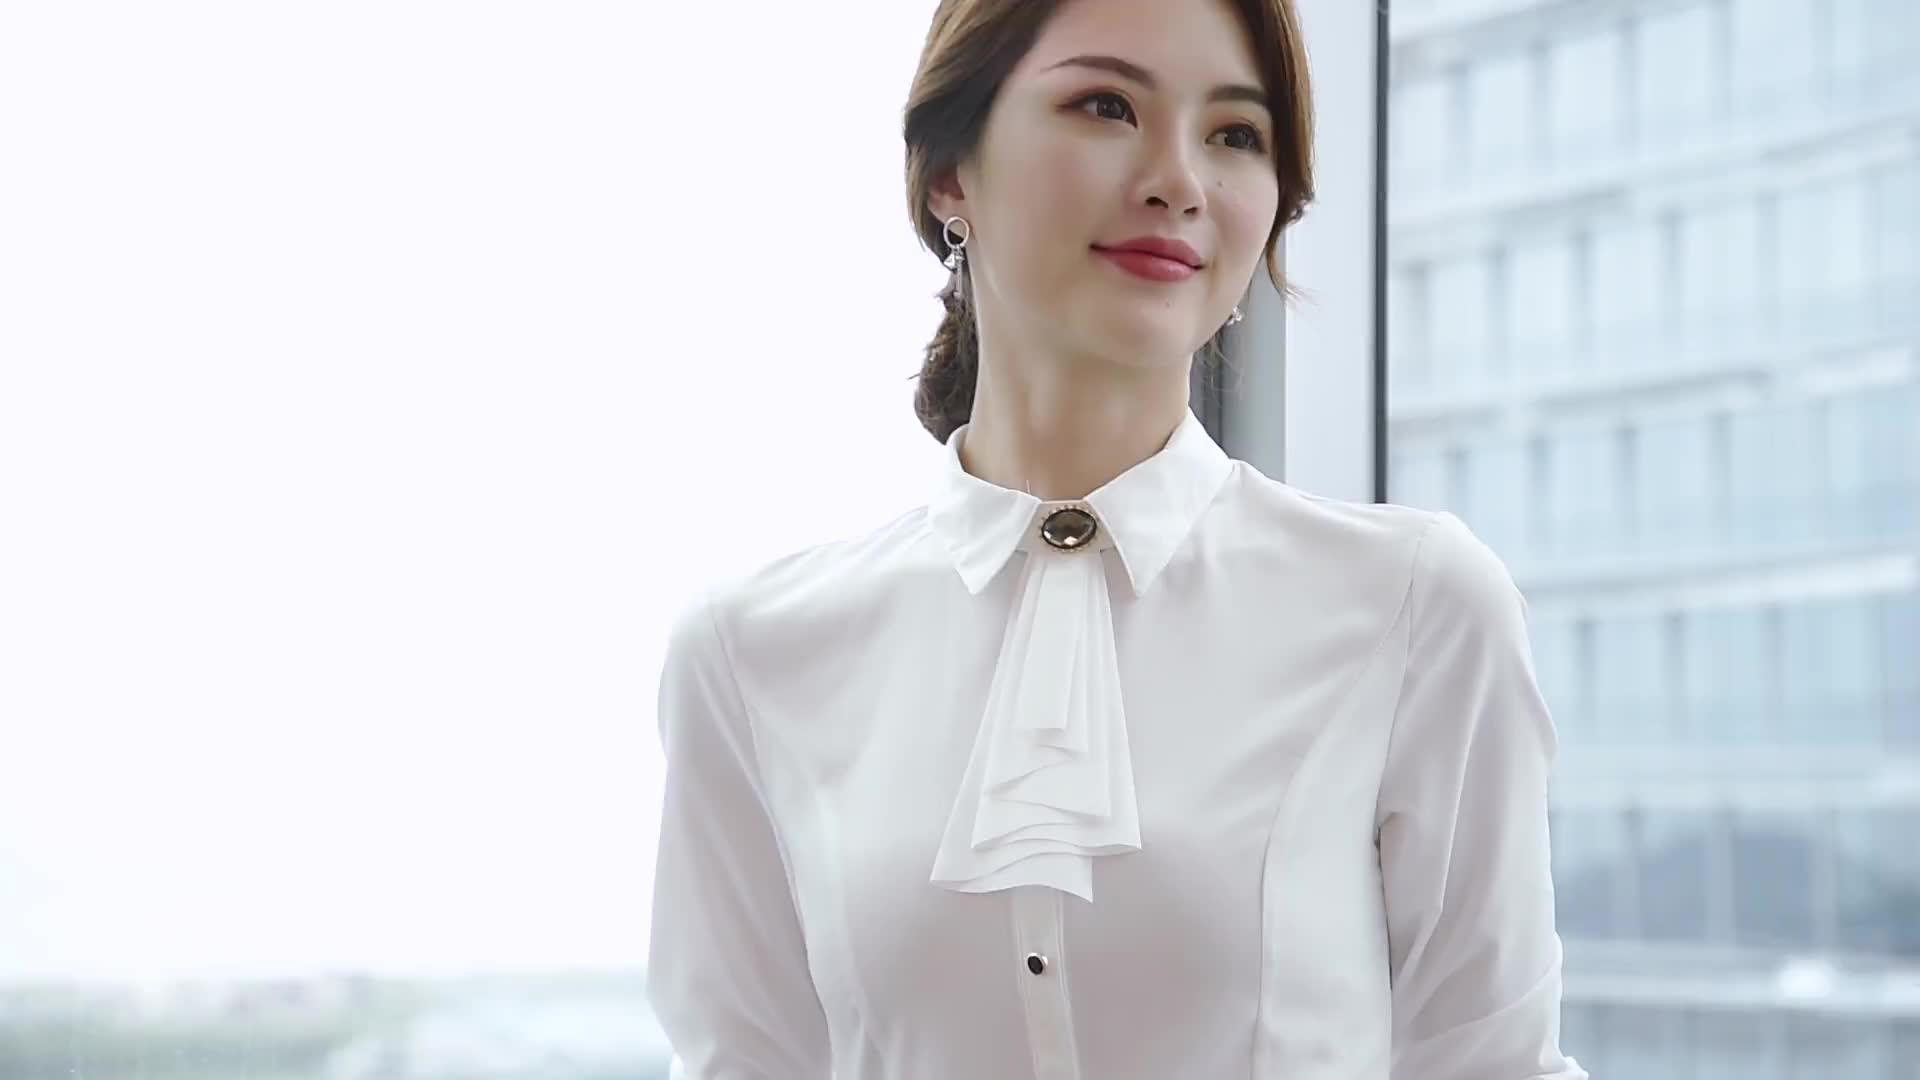 实拍2019秋职业女装正装衬衣OL通勤商务时尚优雅气质衬衫